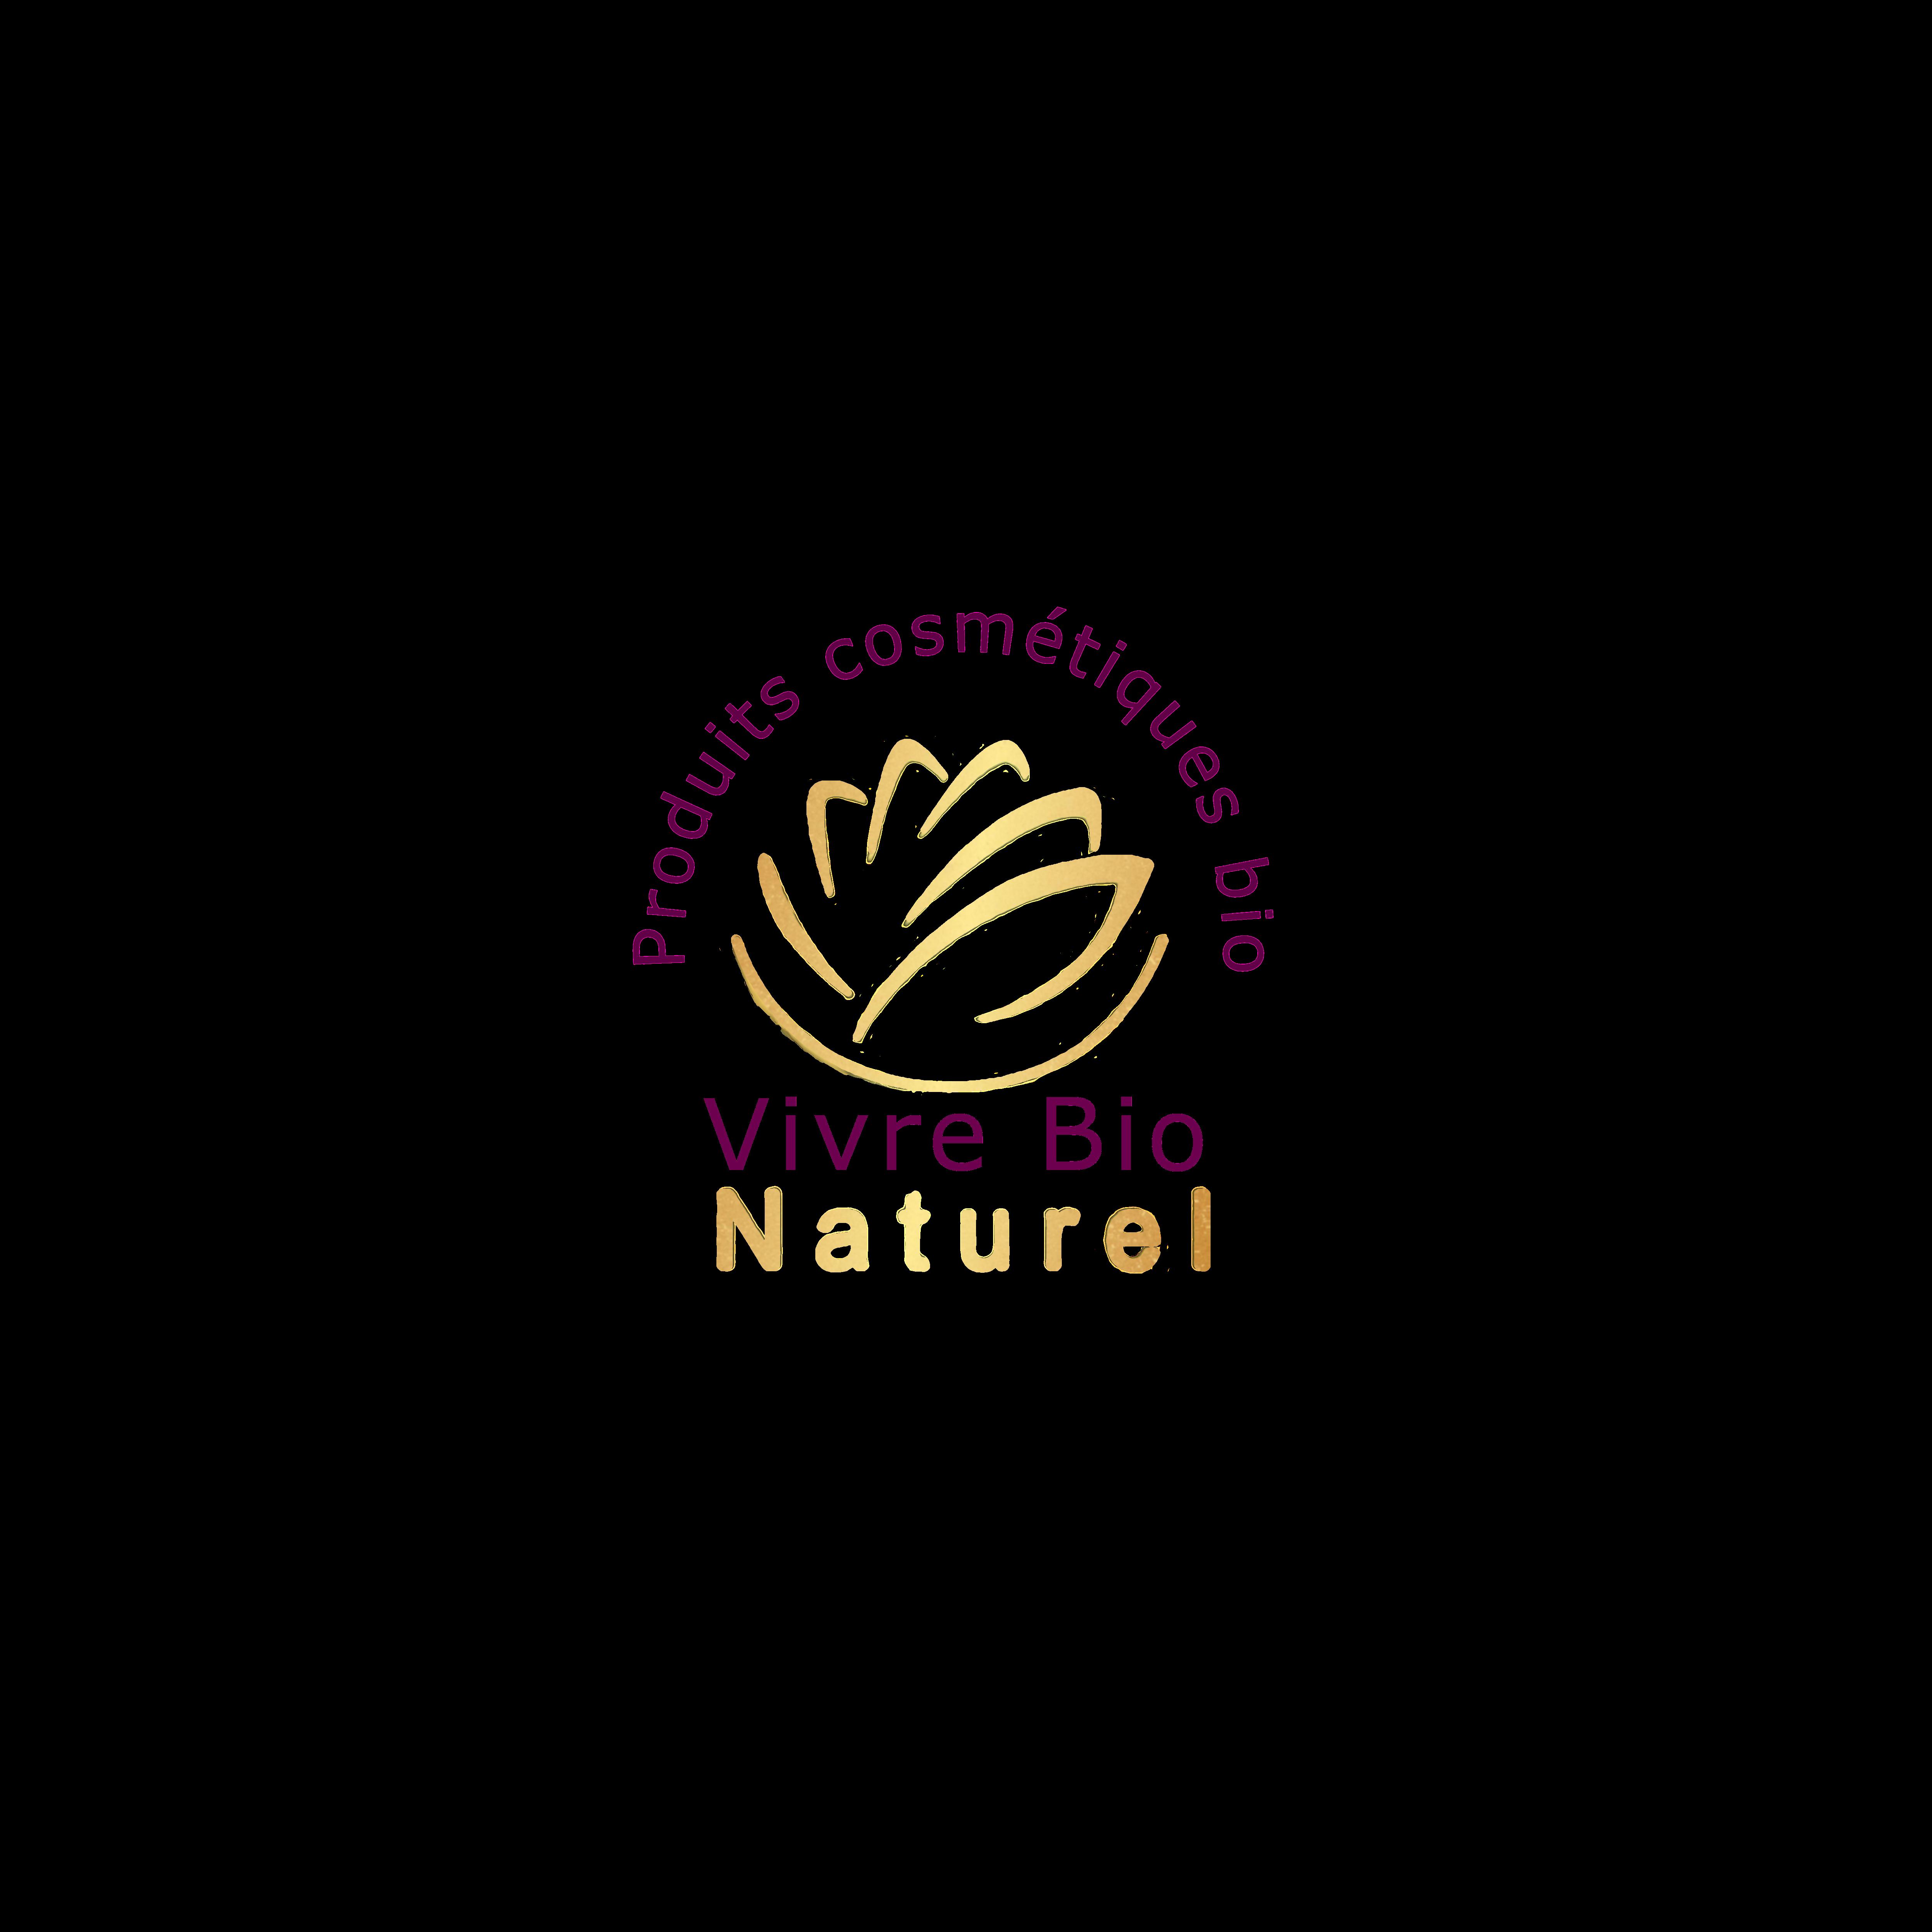 Vivre Bio Naturel